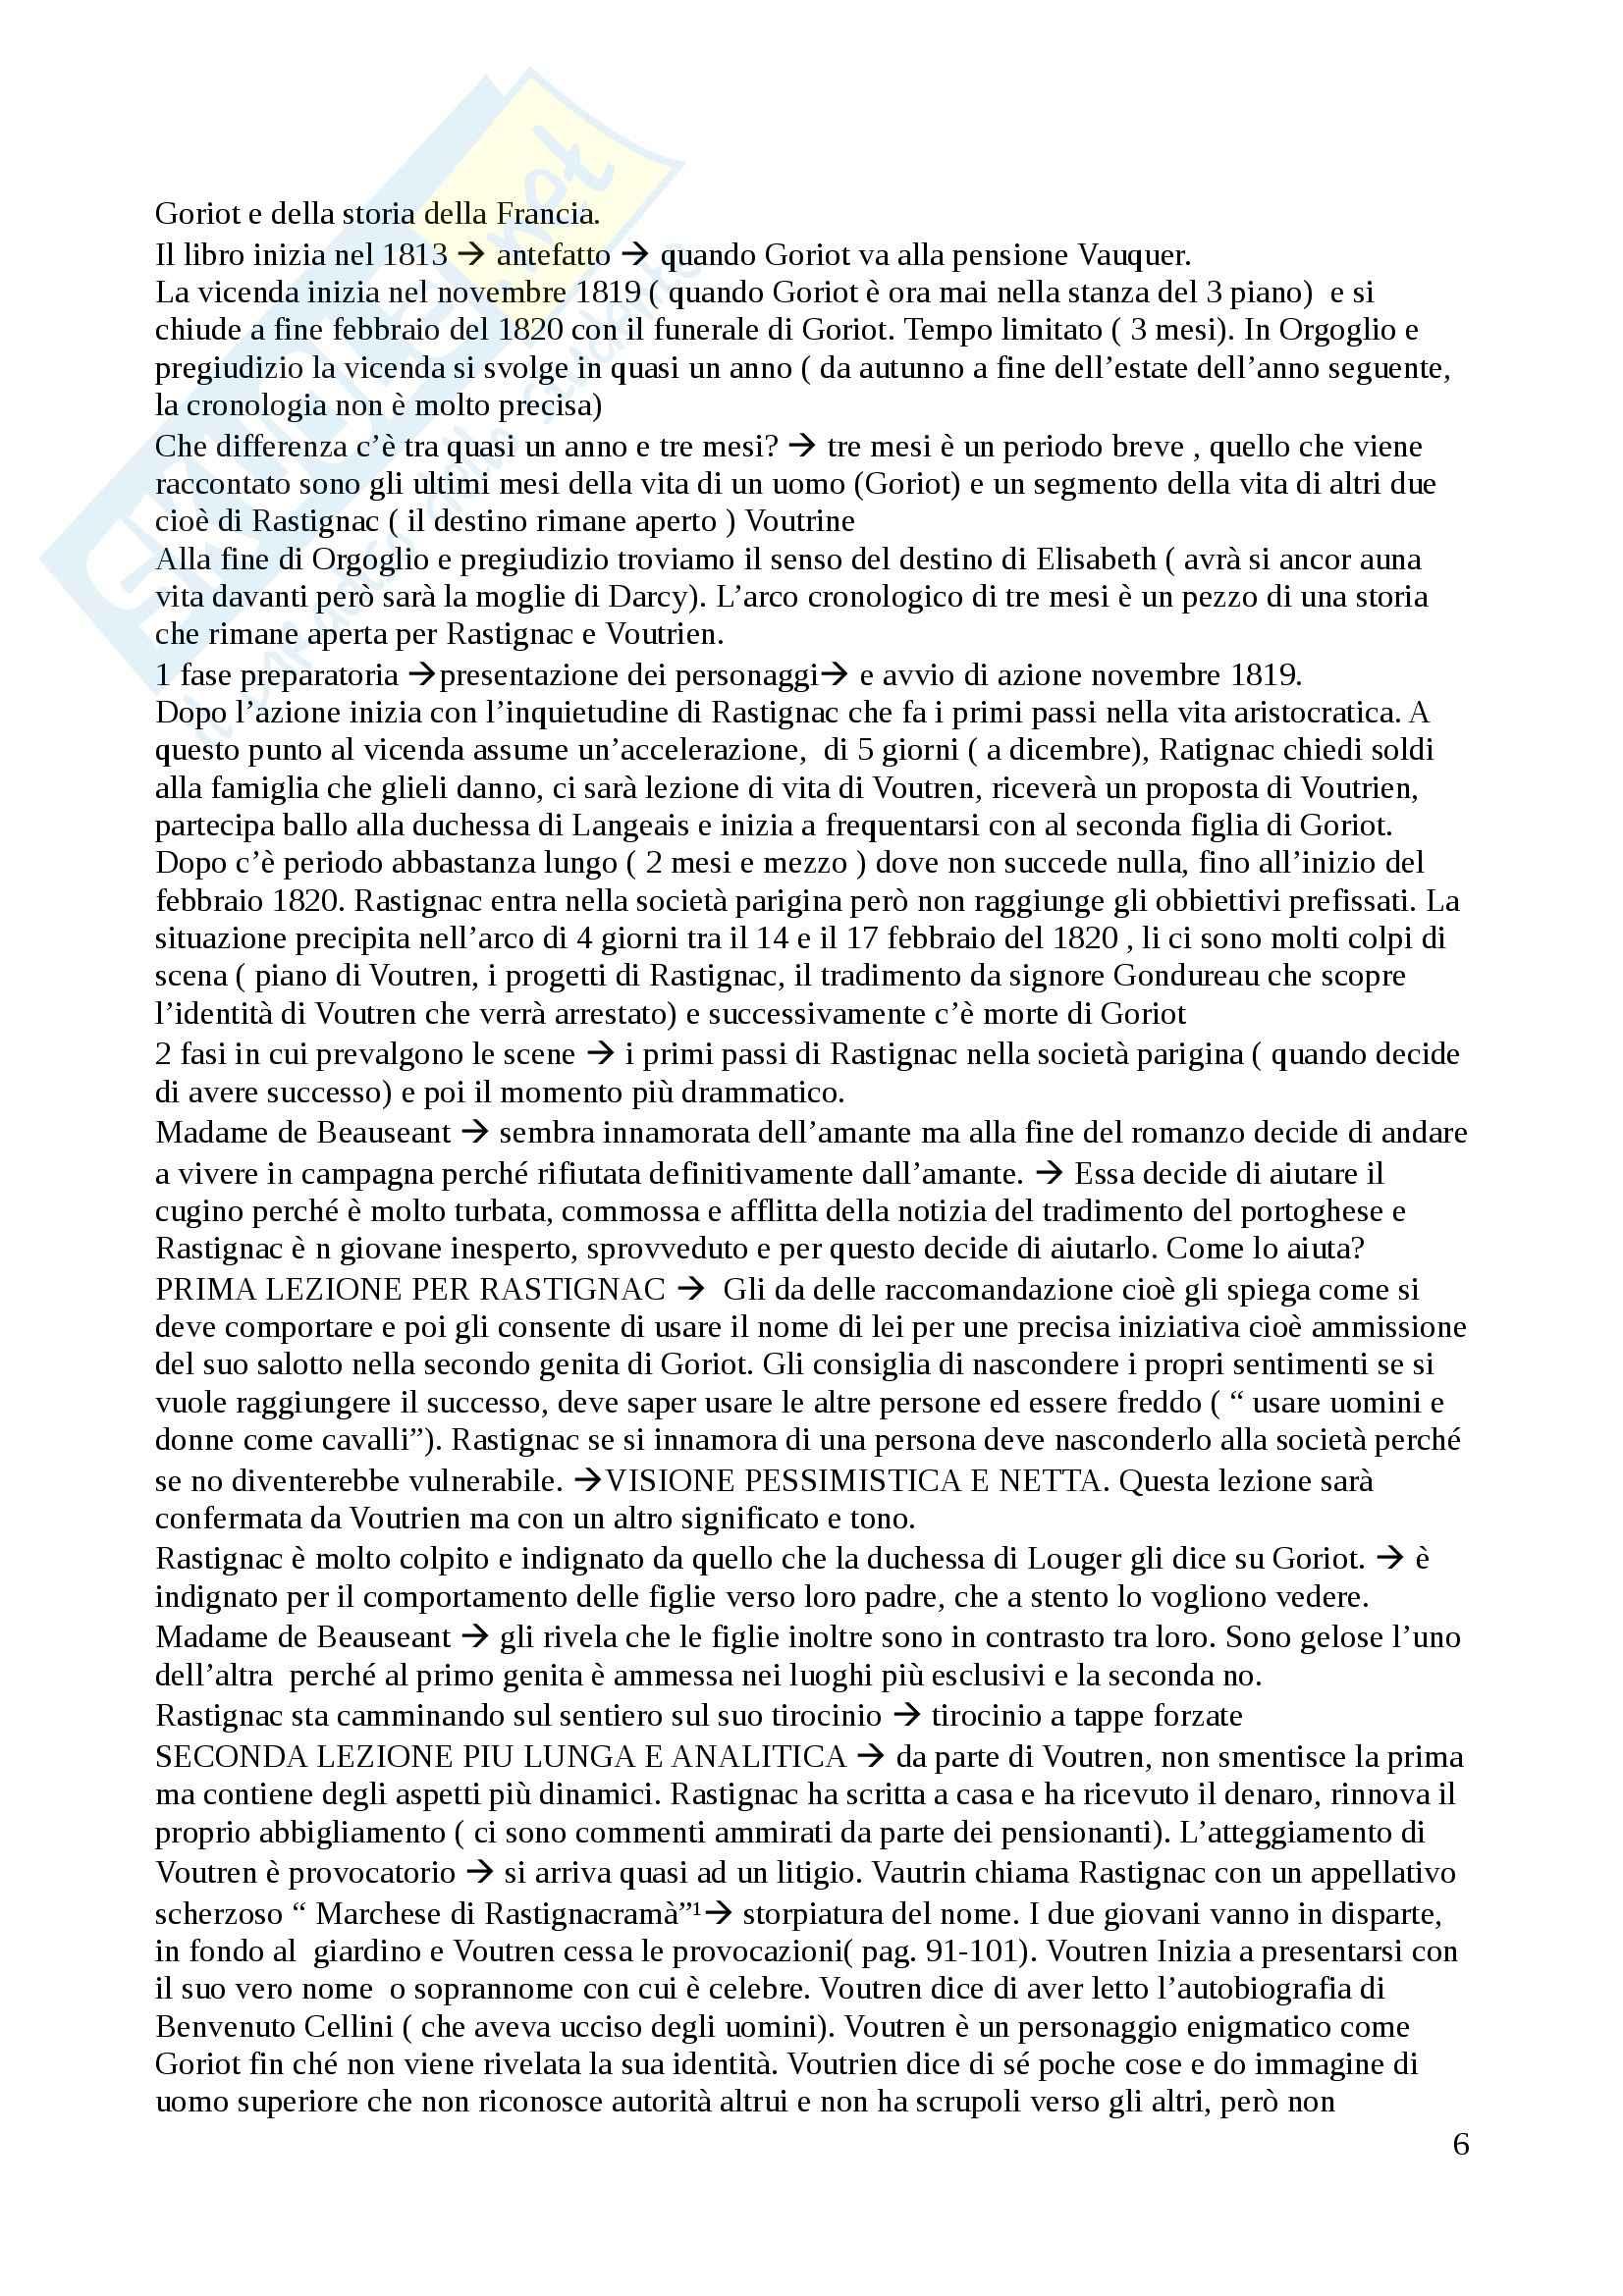 Letteratura italiana - Papa Goriot Pag. 6